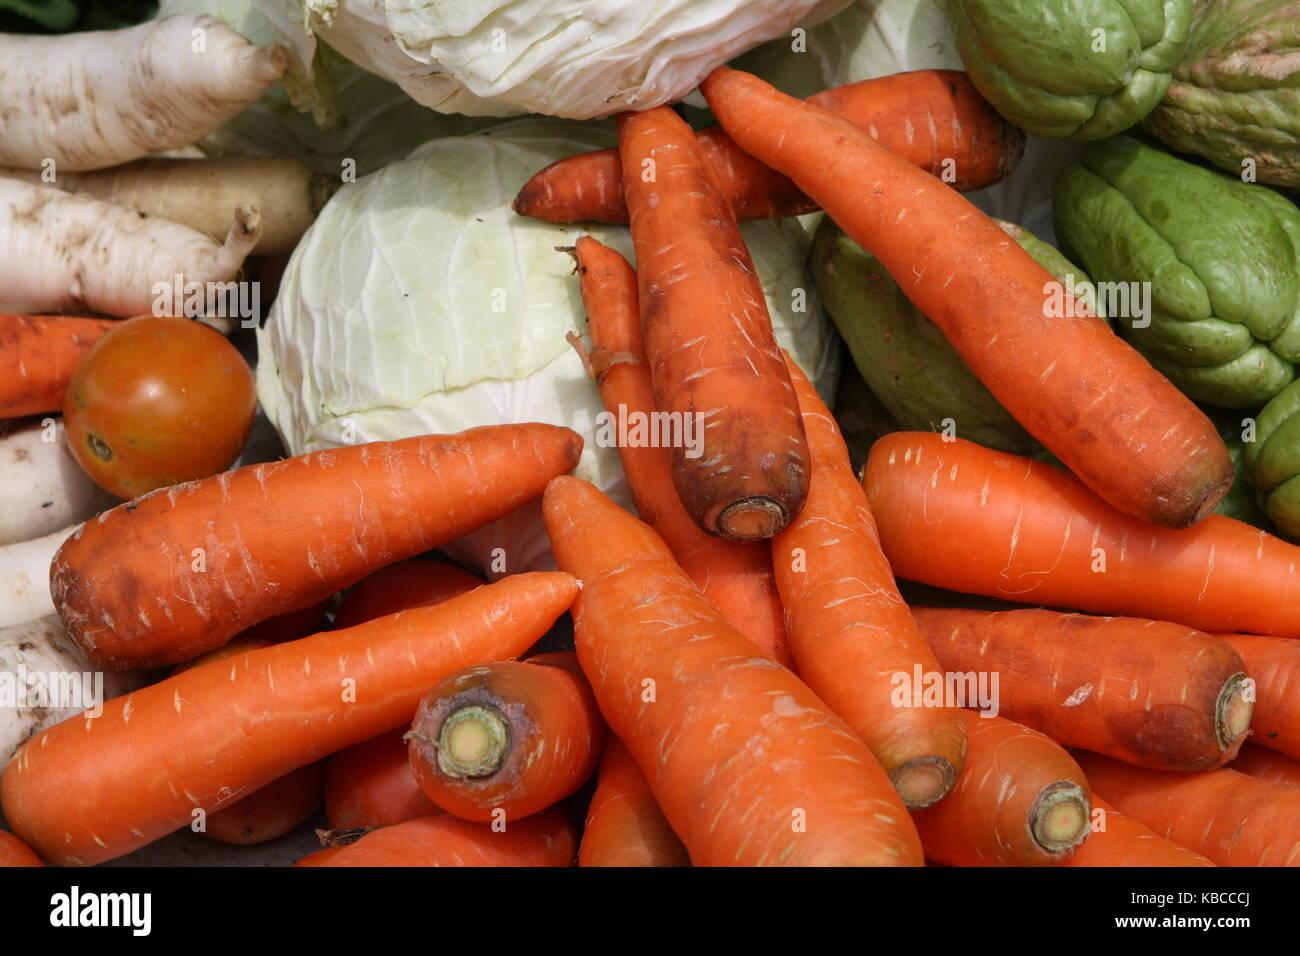 Gemüse und Karotten auf einem Marktstand Stock Photo